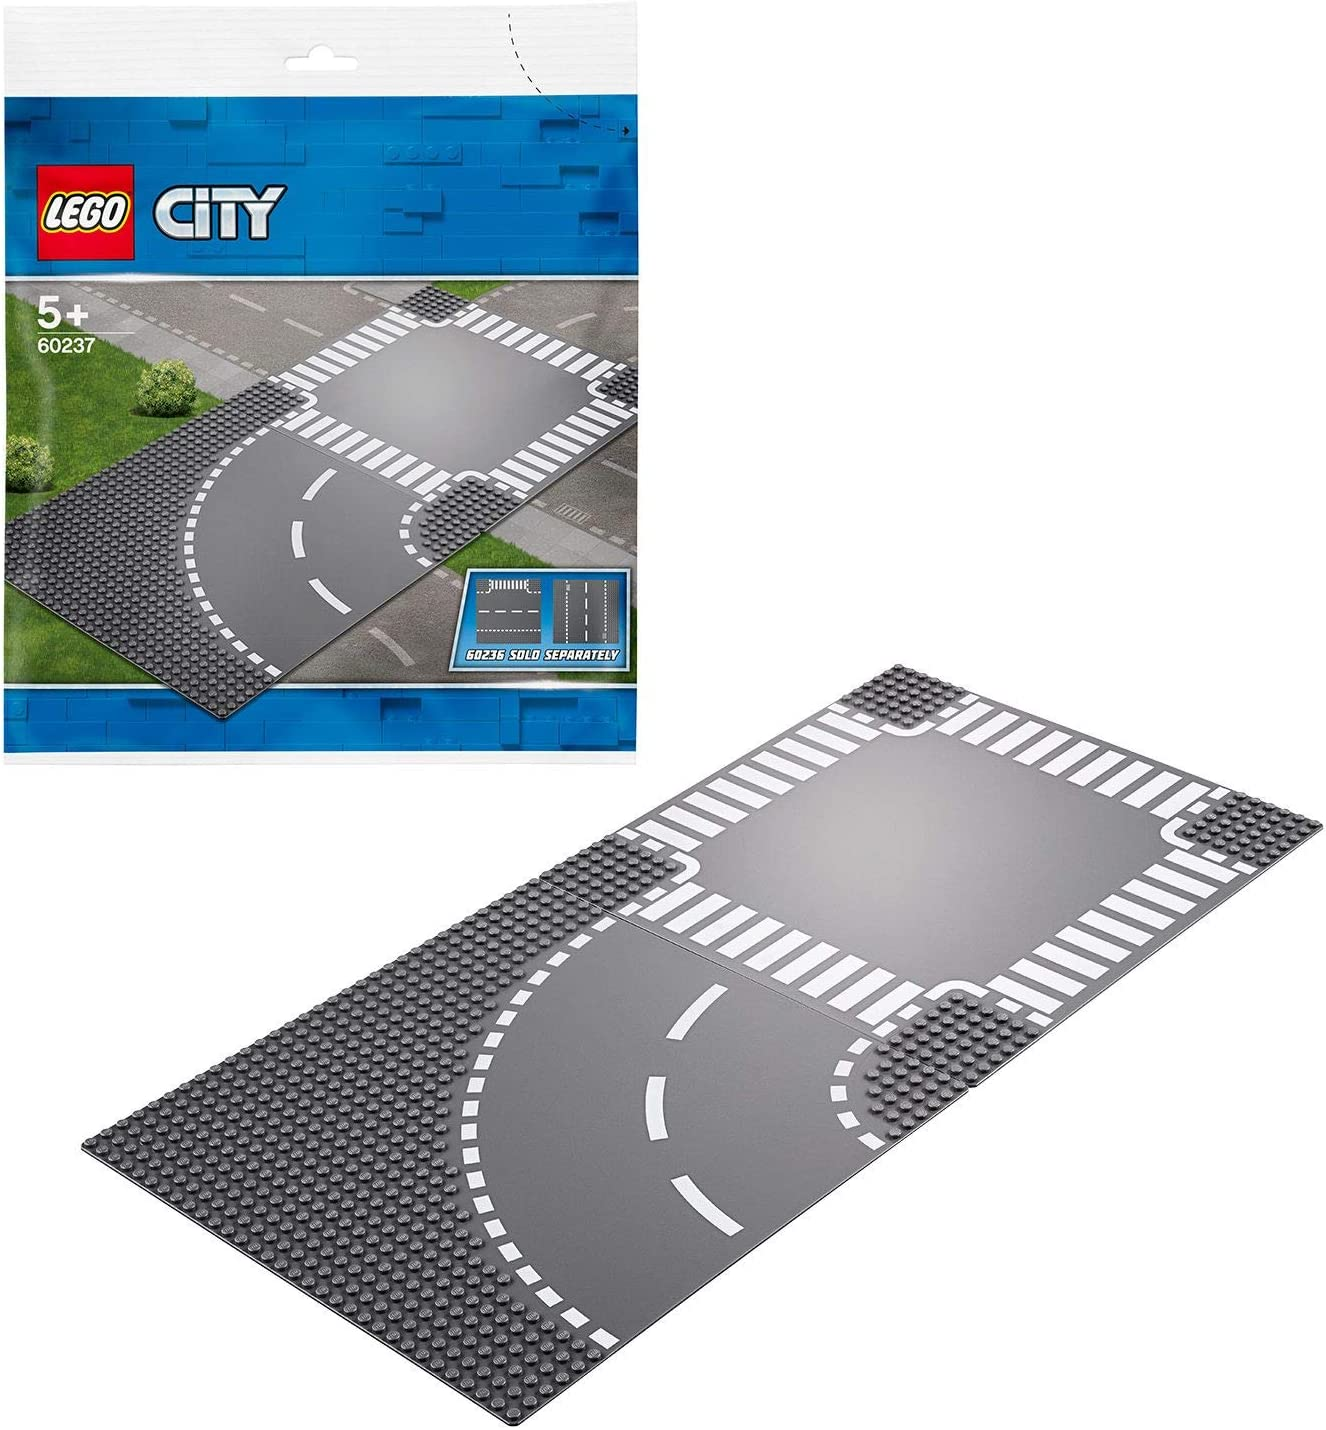 LEGO City Suplementario - Curvas y Cruce, juguete de pista de carretera complementario para tu ciudad LEGO (60237)